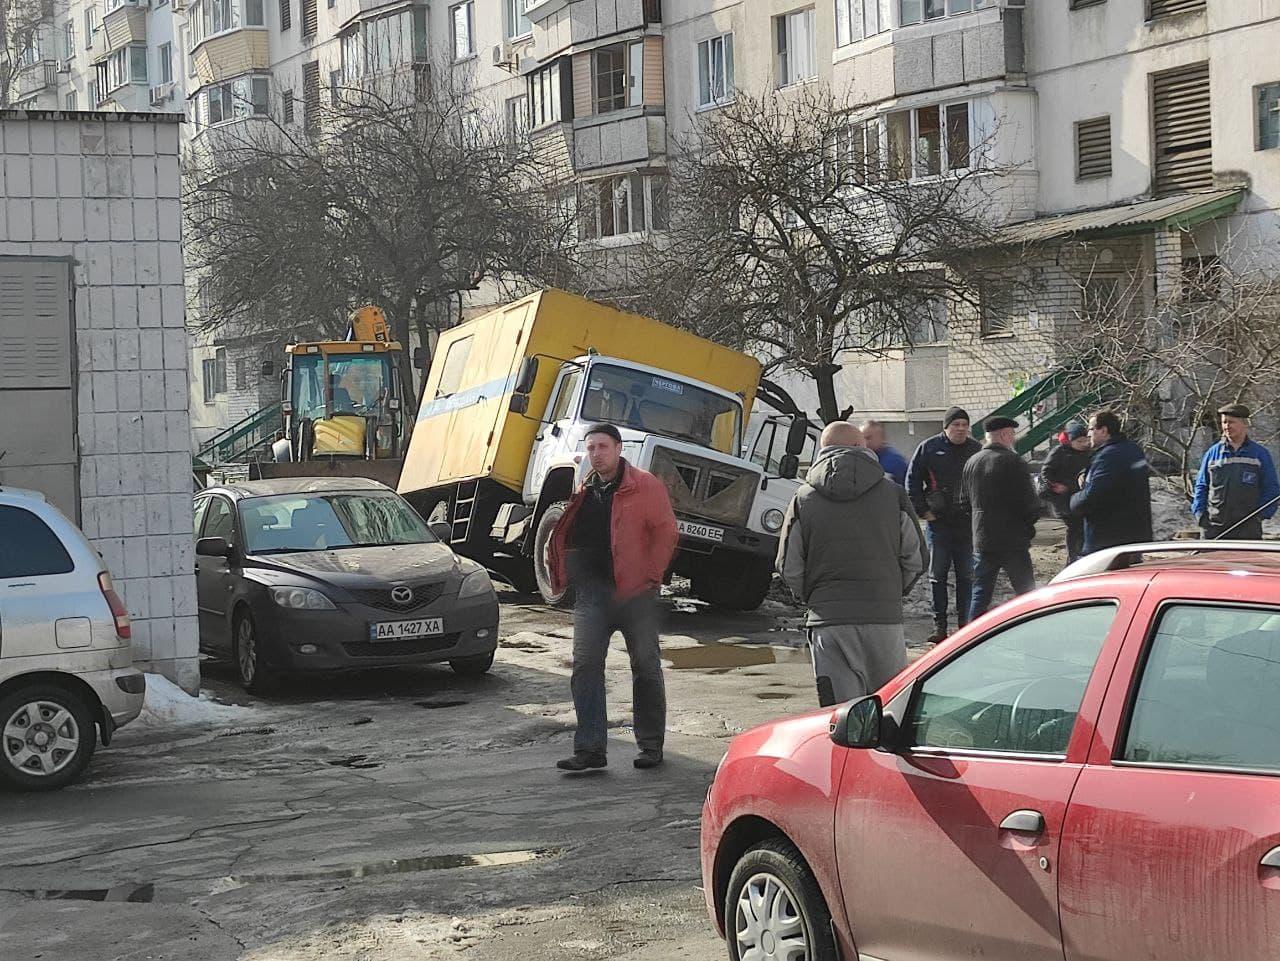 Тает снег и вместе с ним асфальт: как решить проблемы украинских дорог фото 1